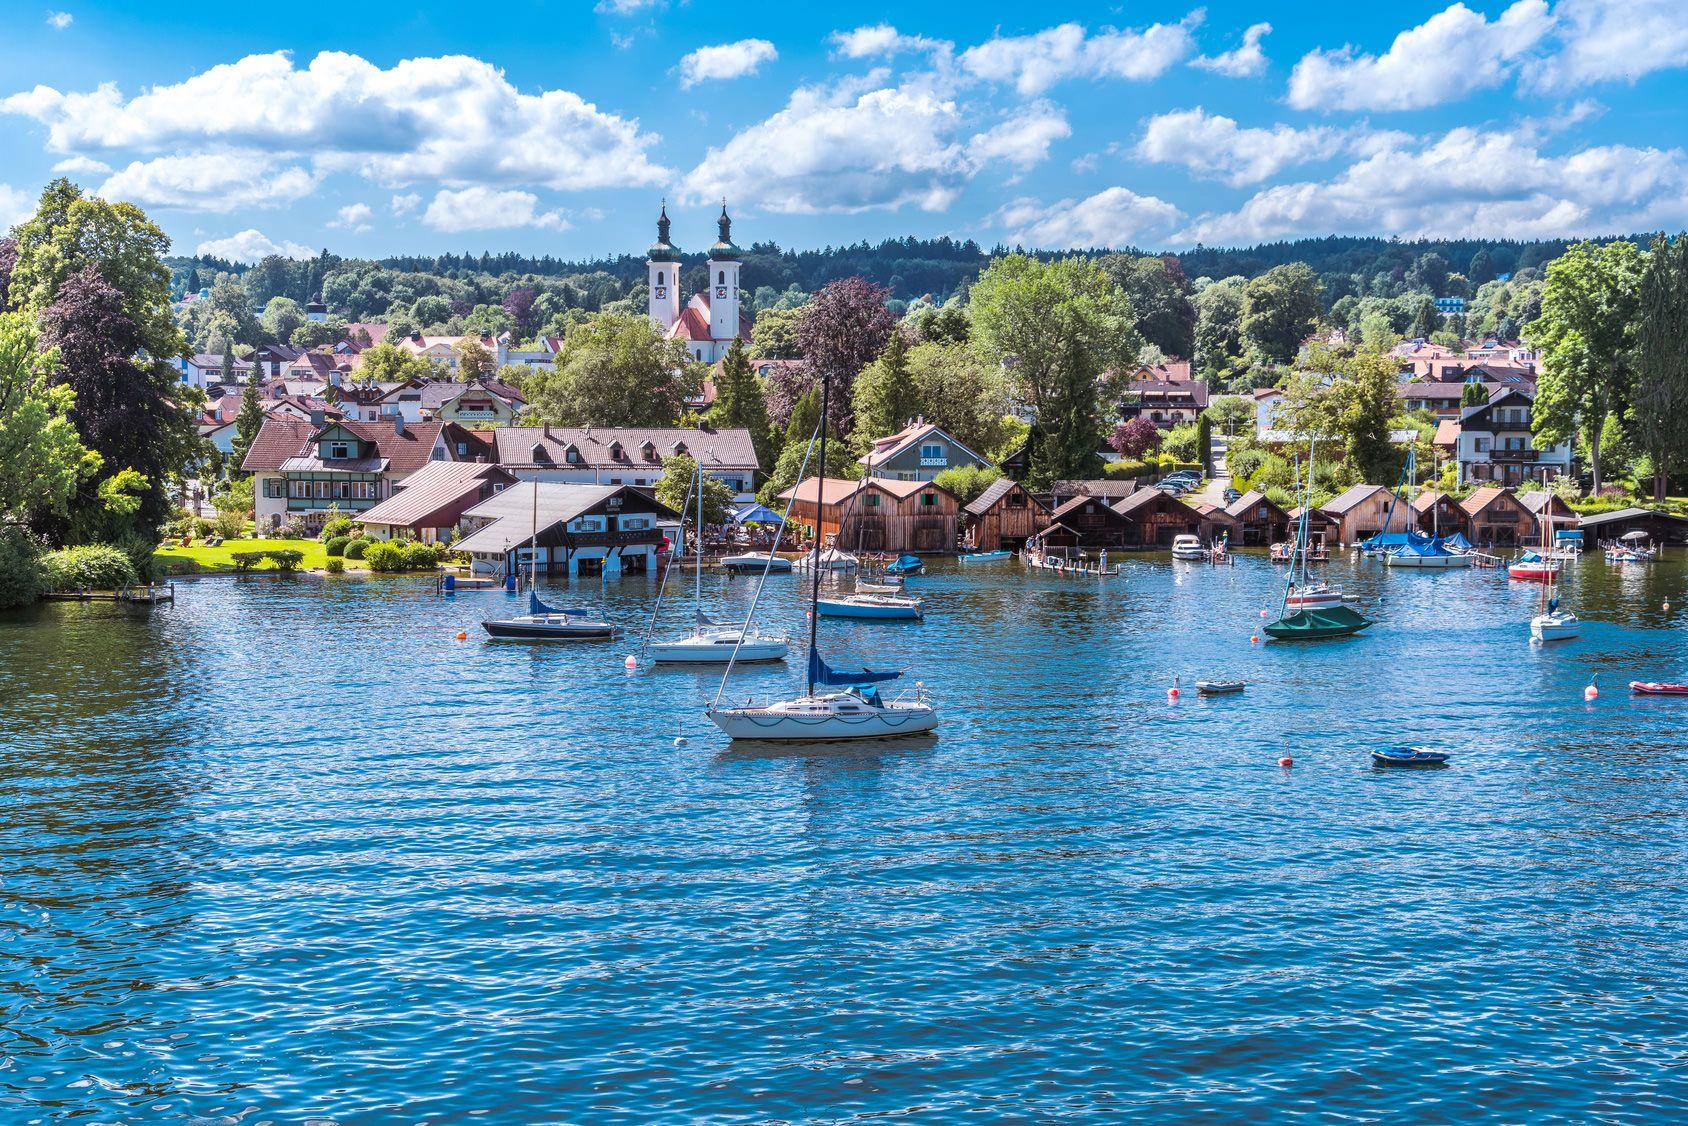 Tutzig Am Starnberger See Deutschland Oberbayern Ist Das Land Der Glitzernden Seen Und Gewasser Und Bietet Urlaubern Und Seen Bayern Starnberg Germany Seen